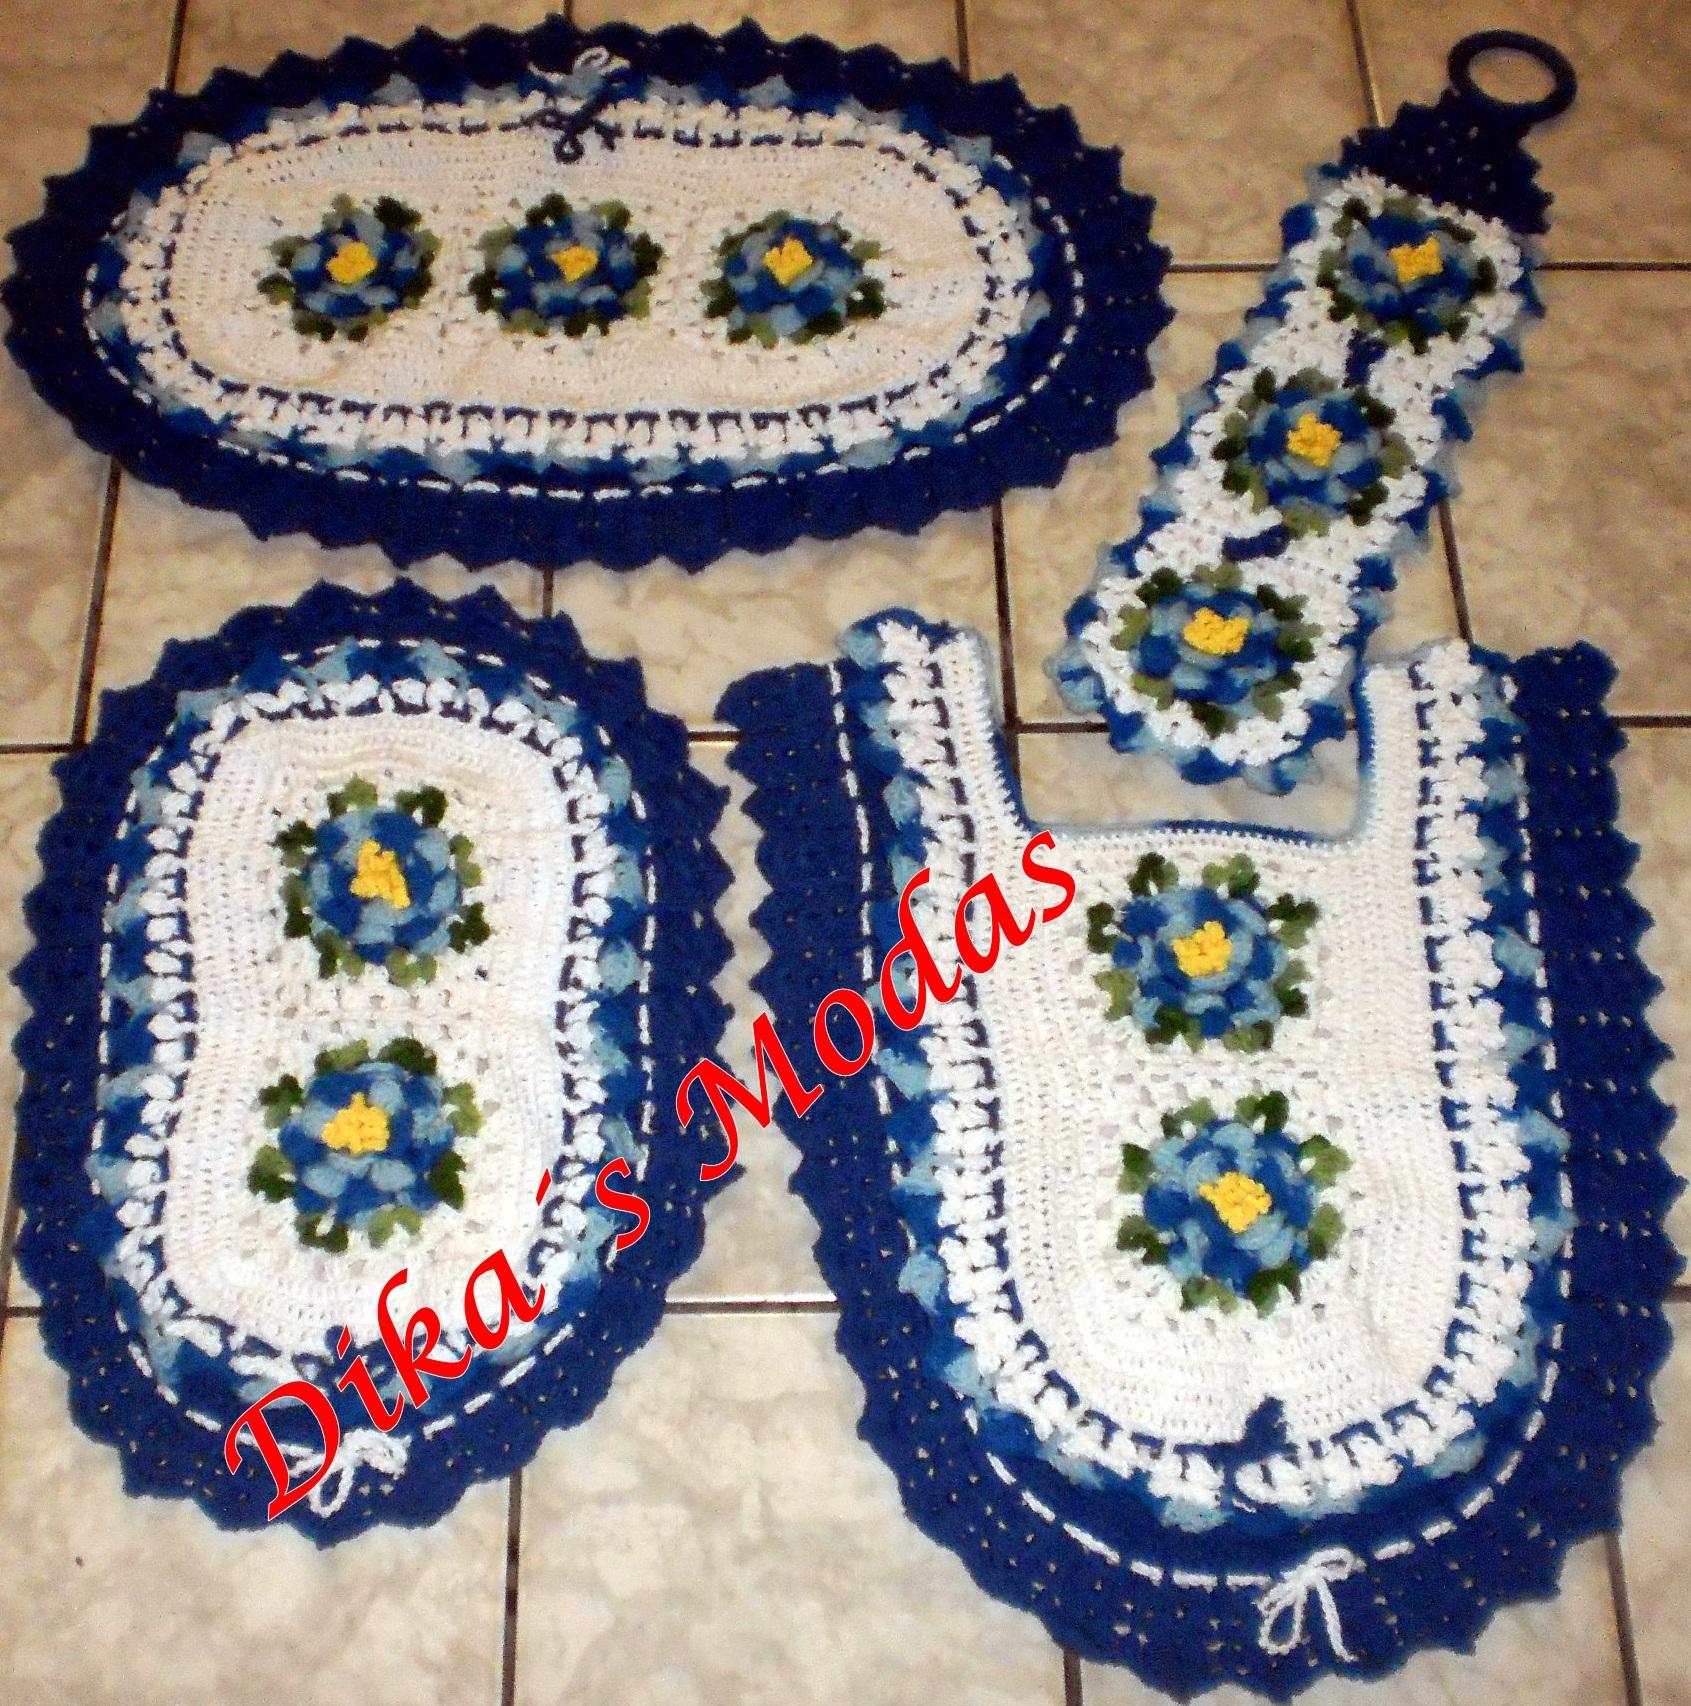 de Artesanato > Crochê > Jogo de Banheiro Azul e Branco 4 pçs #C00B0C 1691x1706 Banheiro Branco E Azul